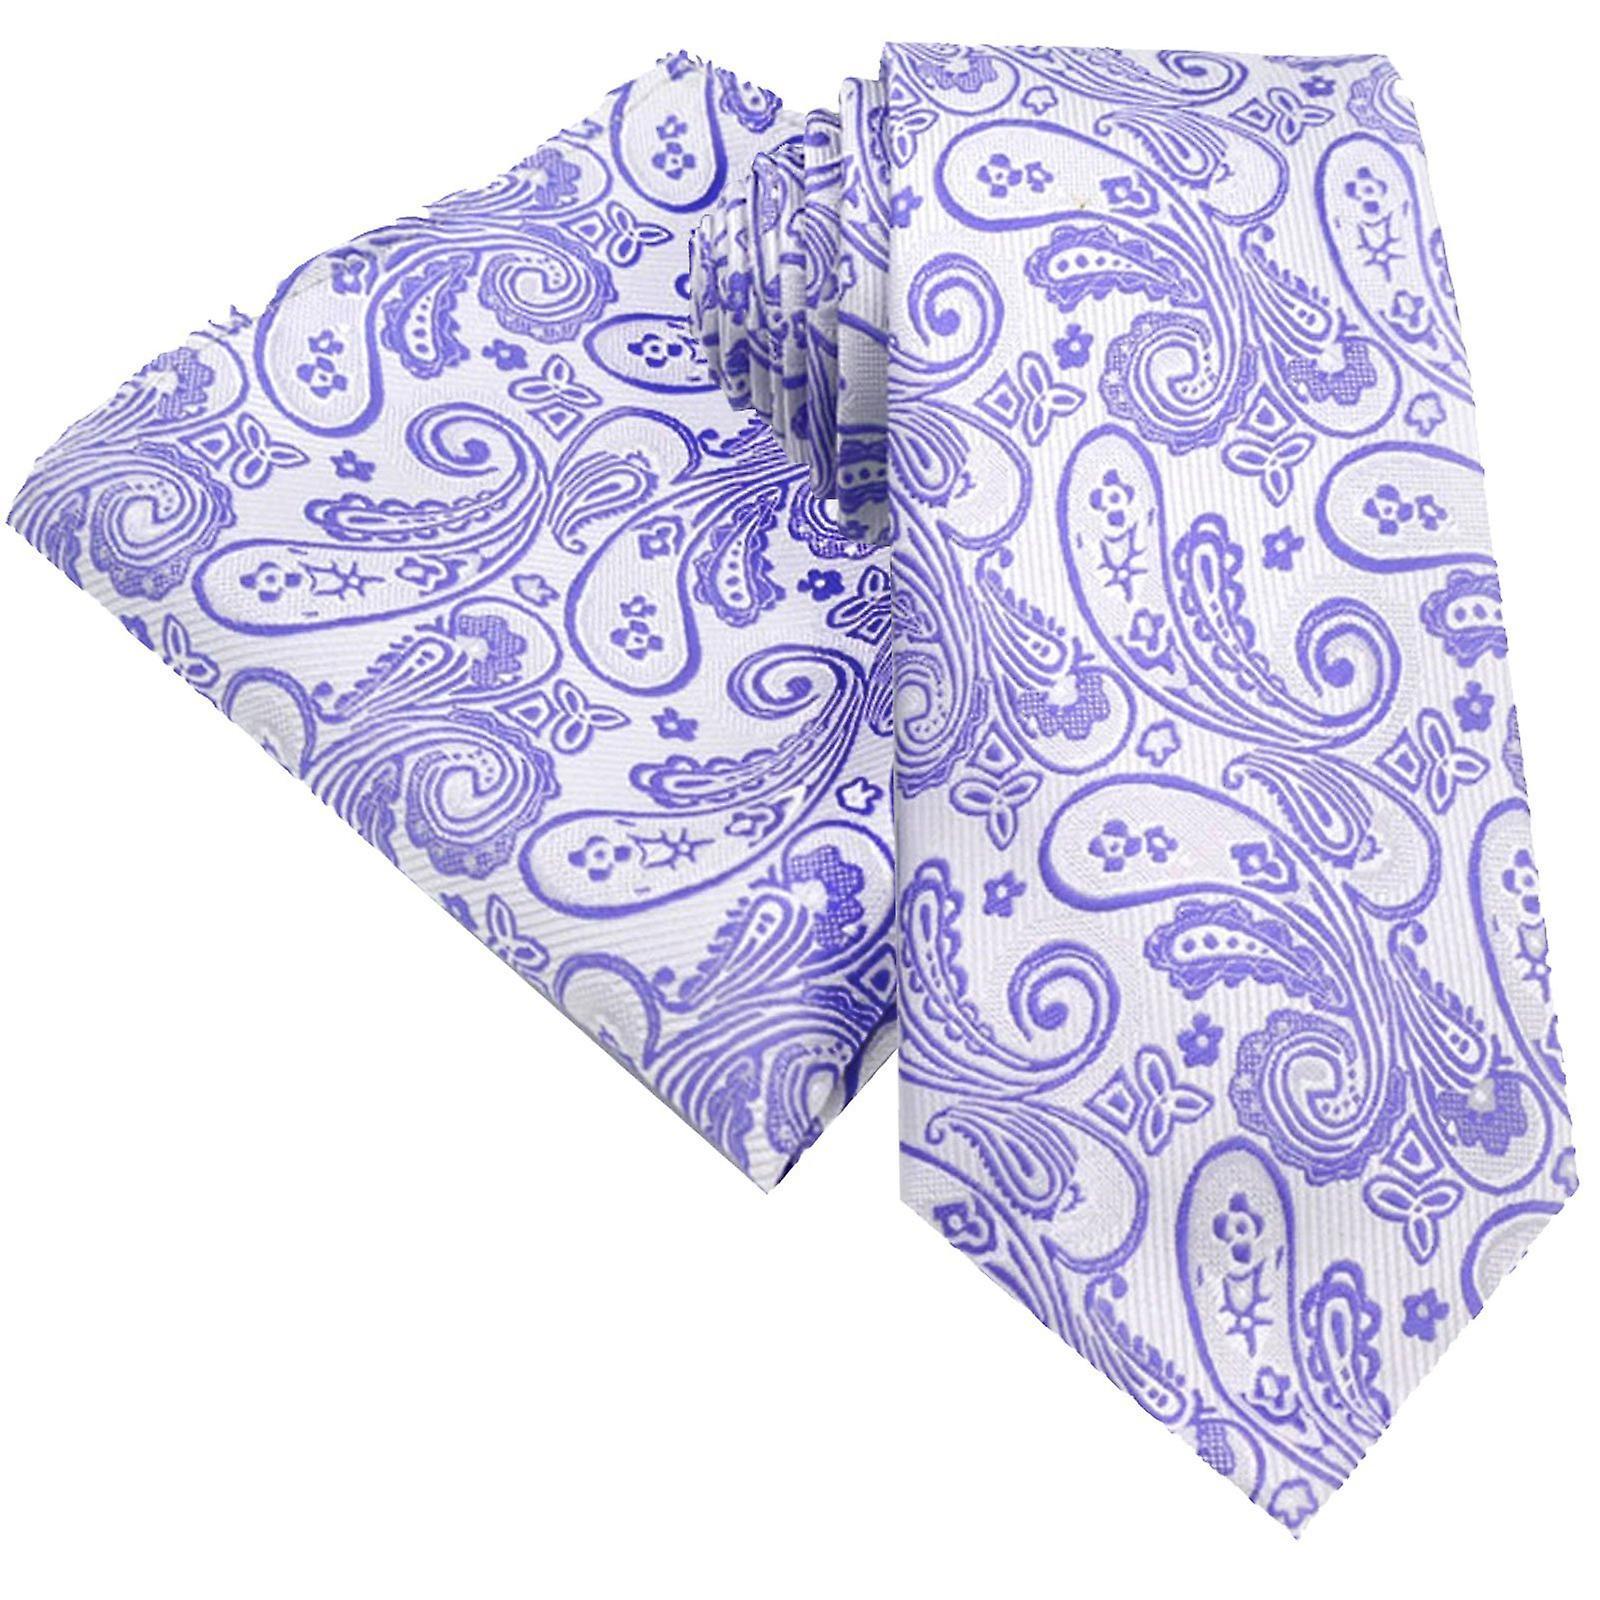 Lilac lavender & purple paisley tie & pocket square set